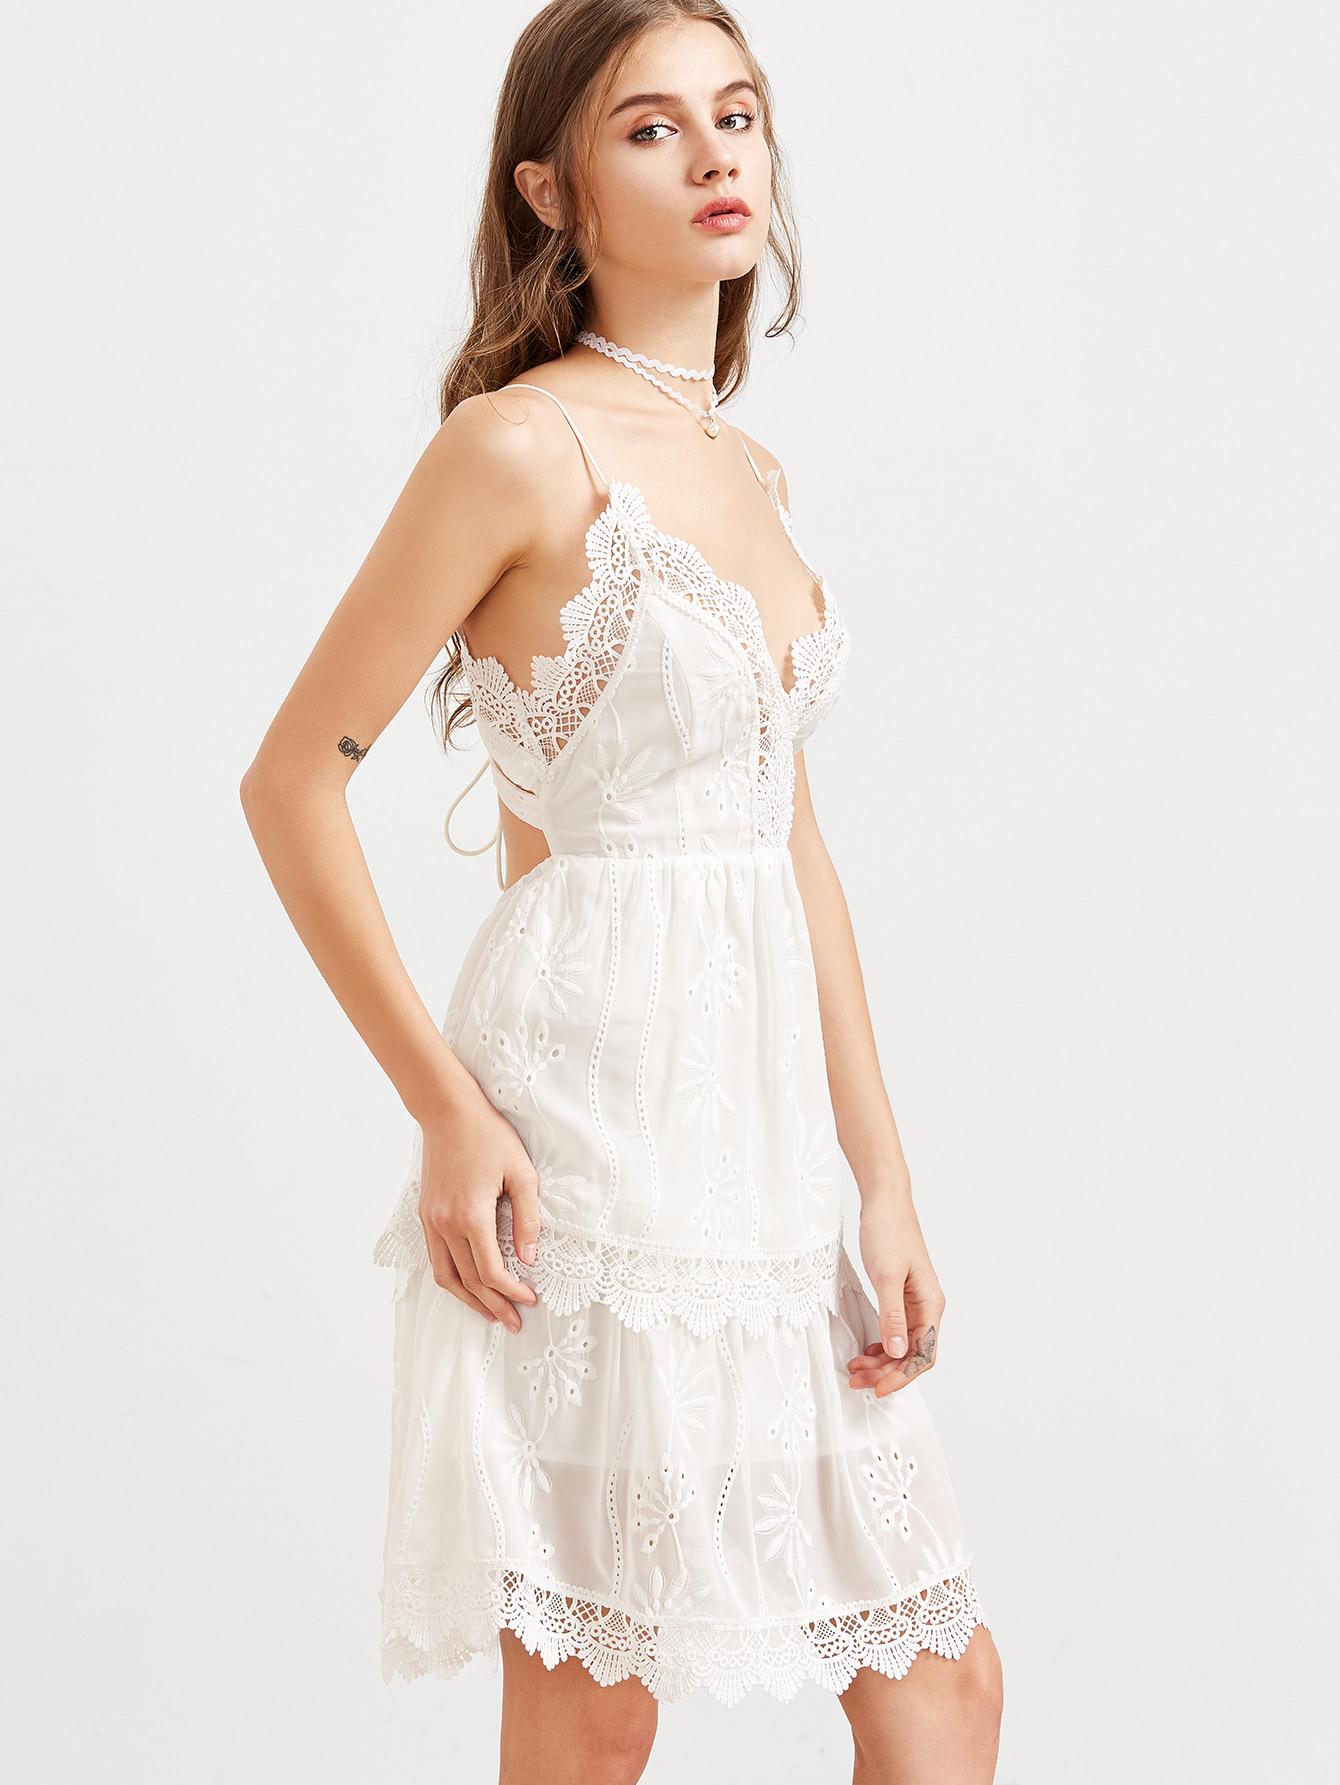 dress170213713_2